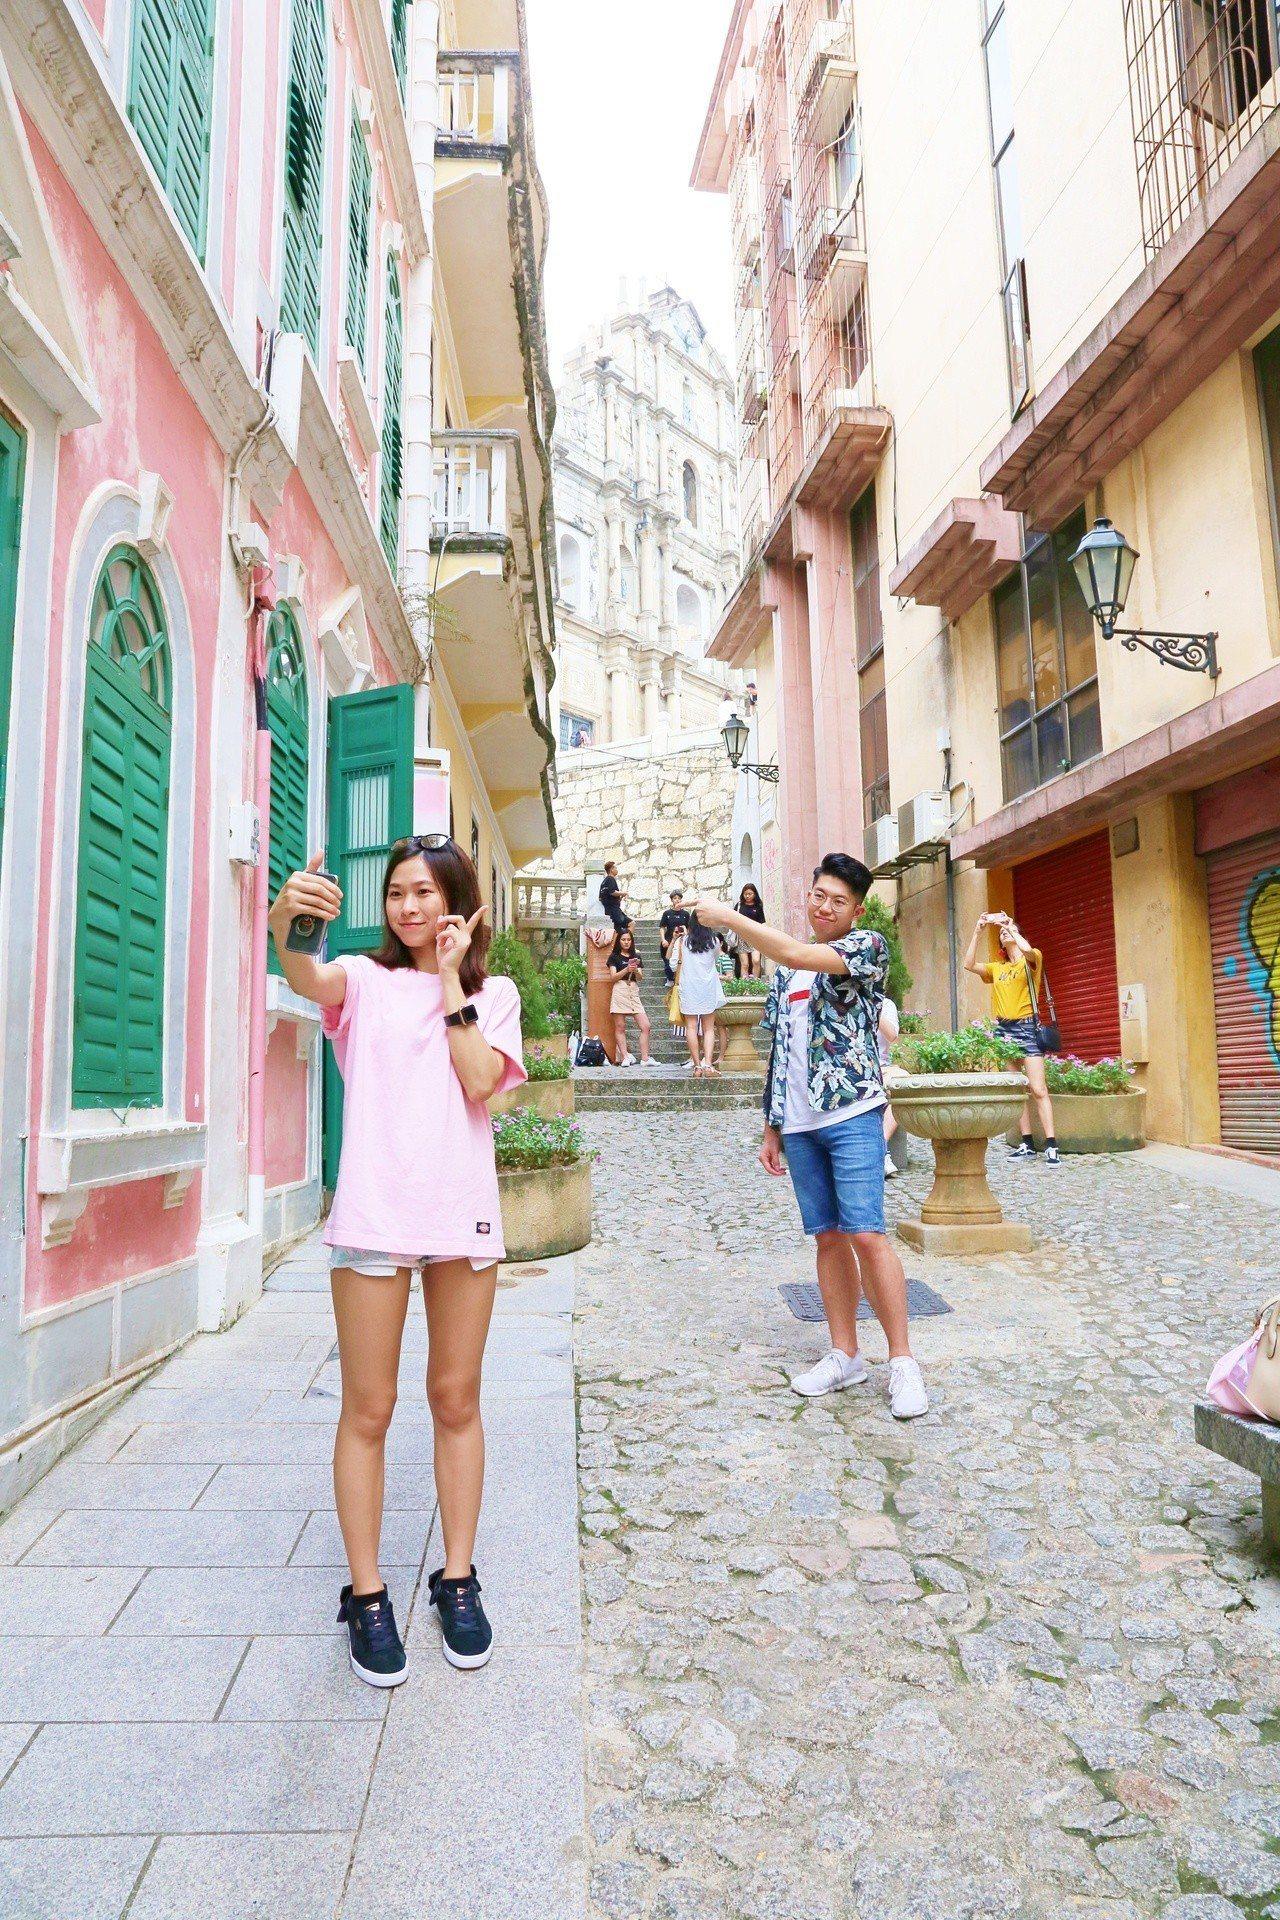 戀愛巷是許多旅客到澳門必去景點。記者魏妤庭/攝影